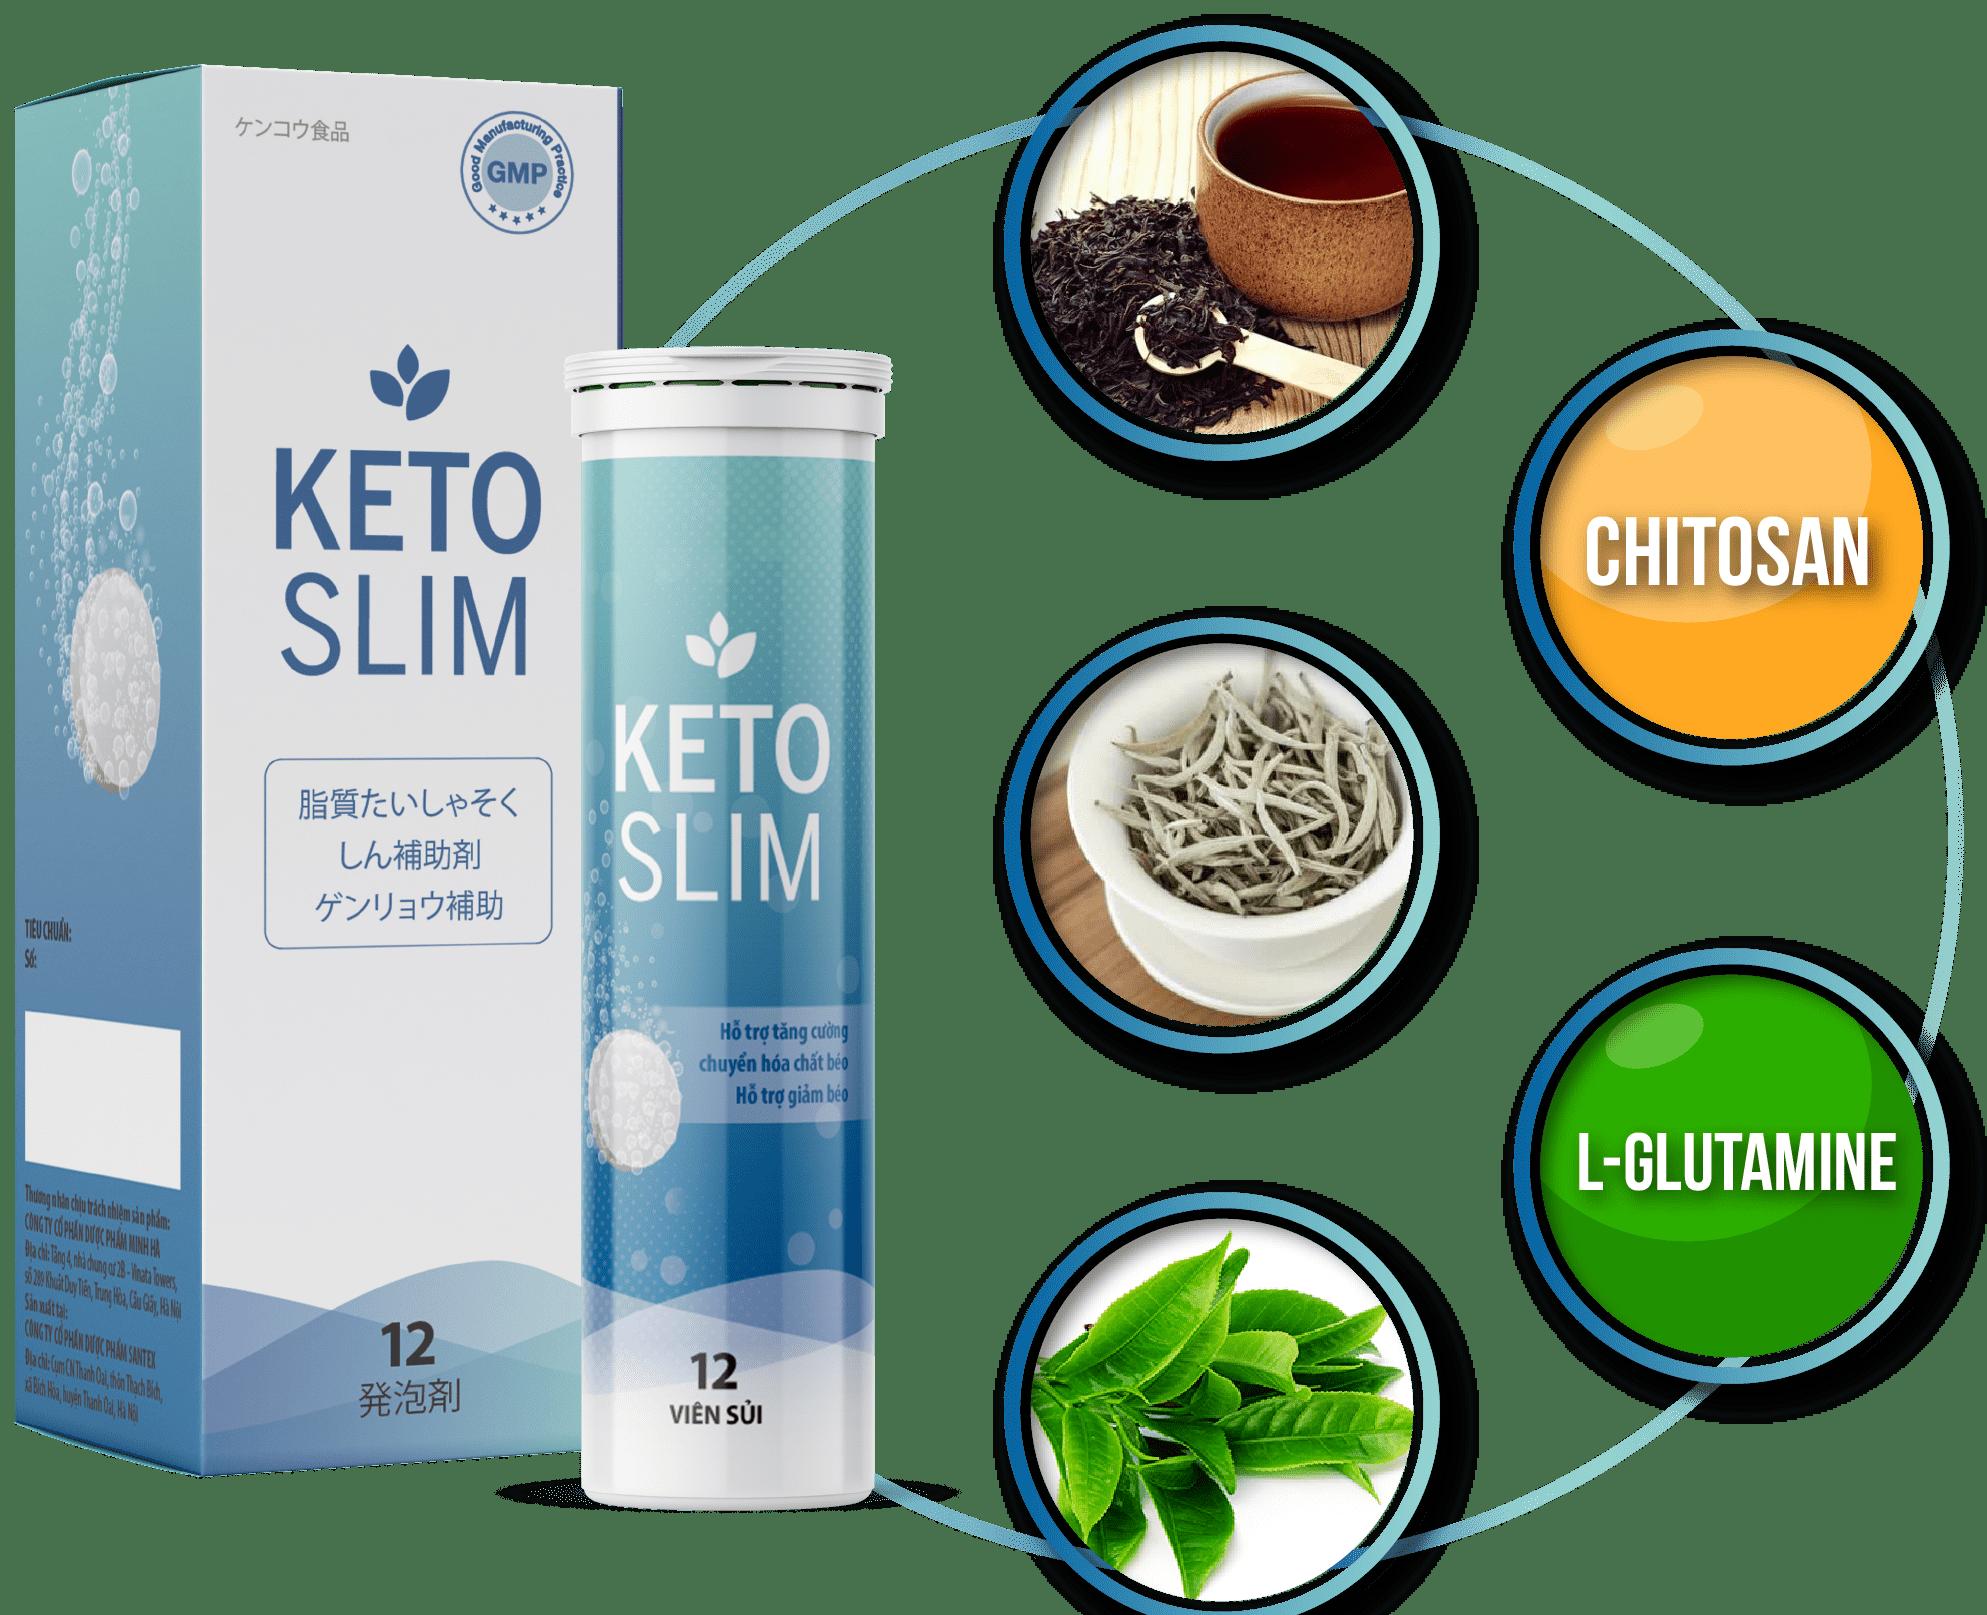 Viên sủi giảm cân Keto Slim Nhật Bản hỗ trợ cải thiện và duy trì vóc dáng